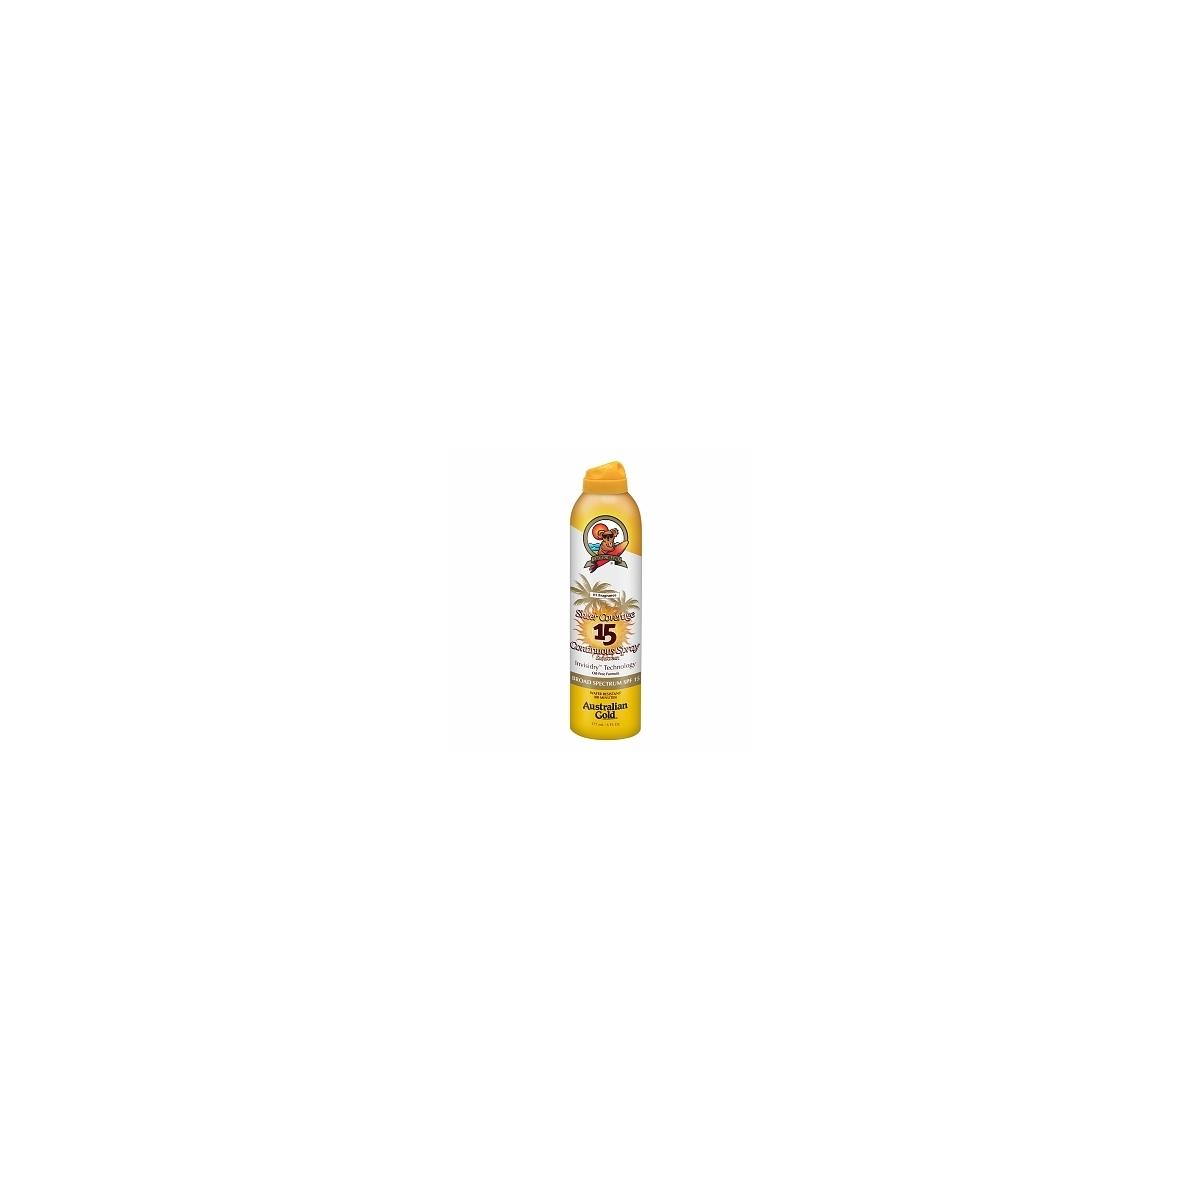 Australian Gold - Premium Coverage SPF 15 Cont Spray